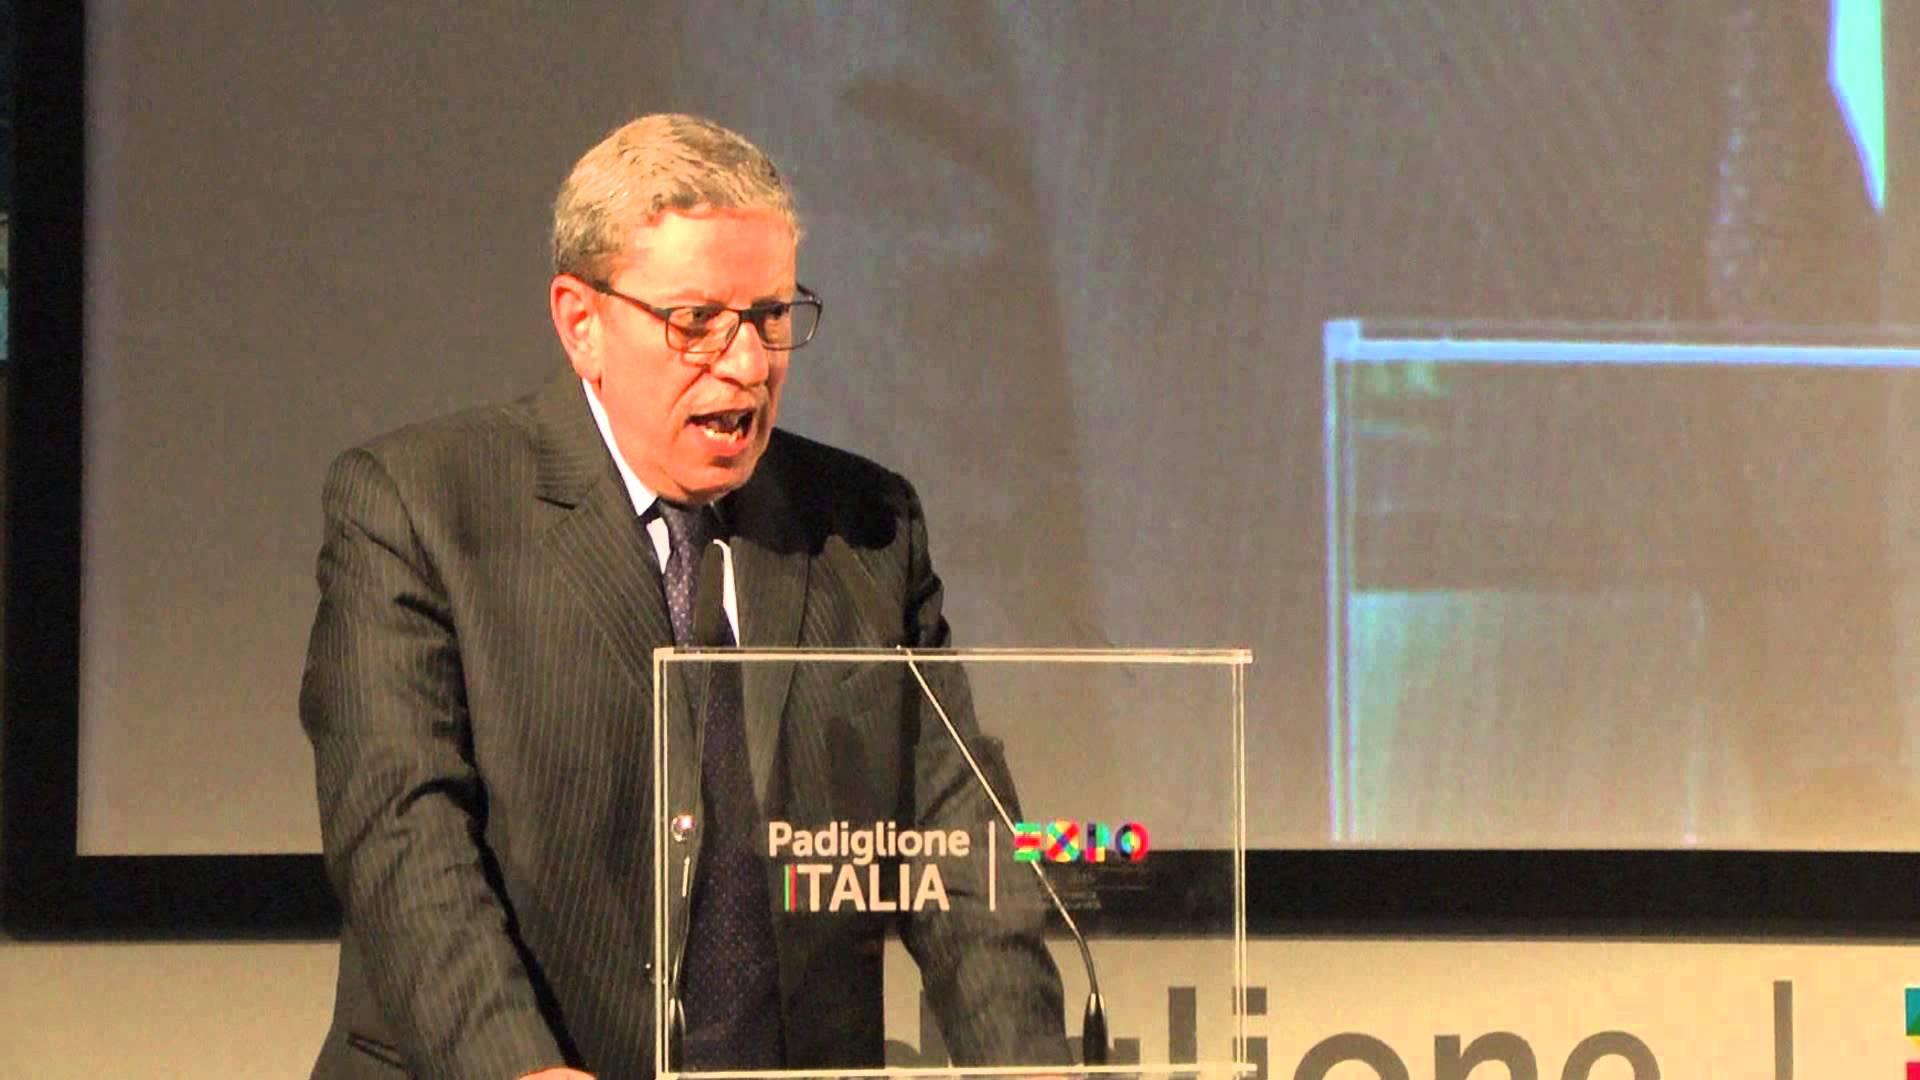 Ancora arresti per Expo 2015: in manette Antonio Acerbo, direttore Construction del Padiglione Italia